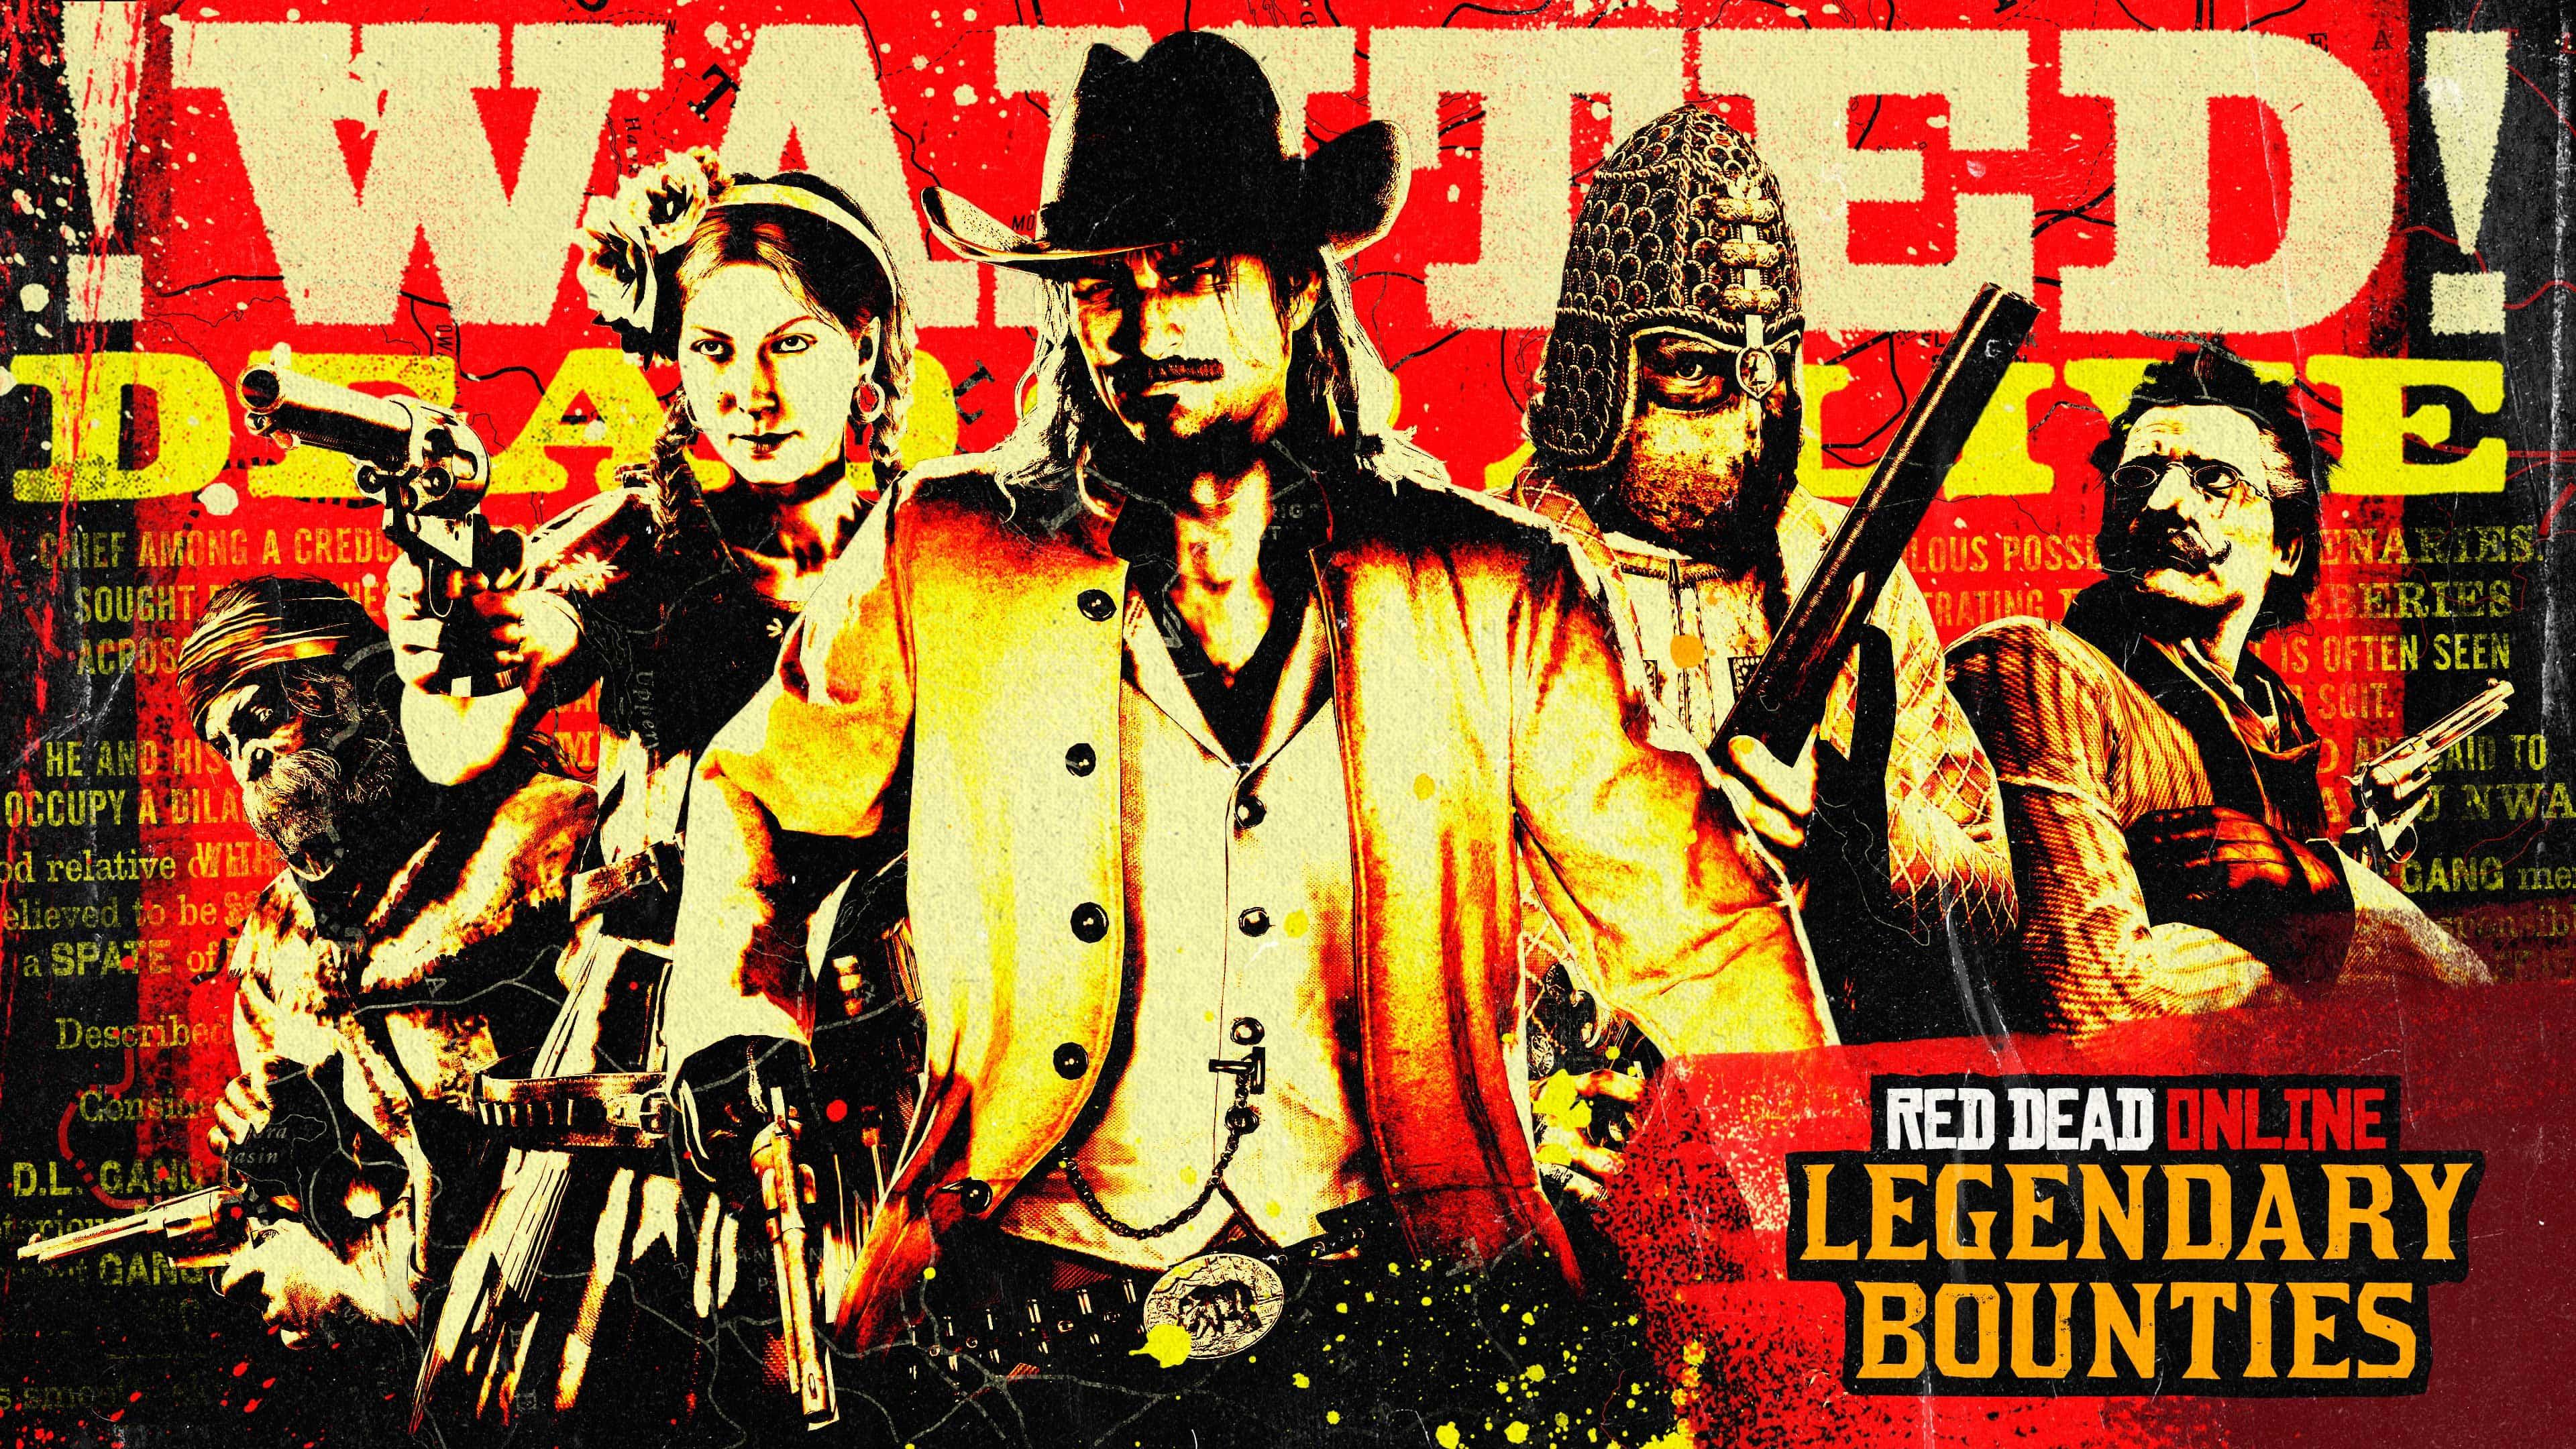 red-dead-online-artwork-71-hd.jpg